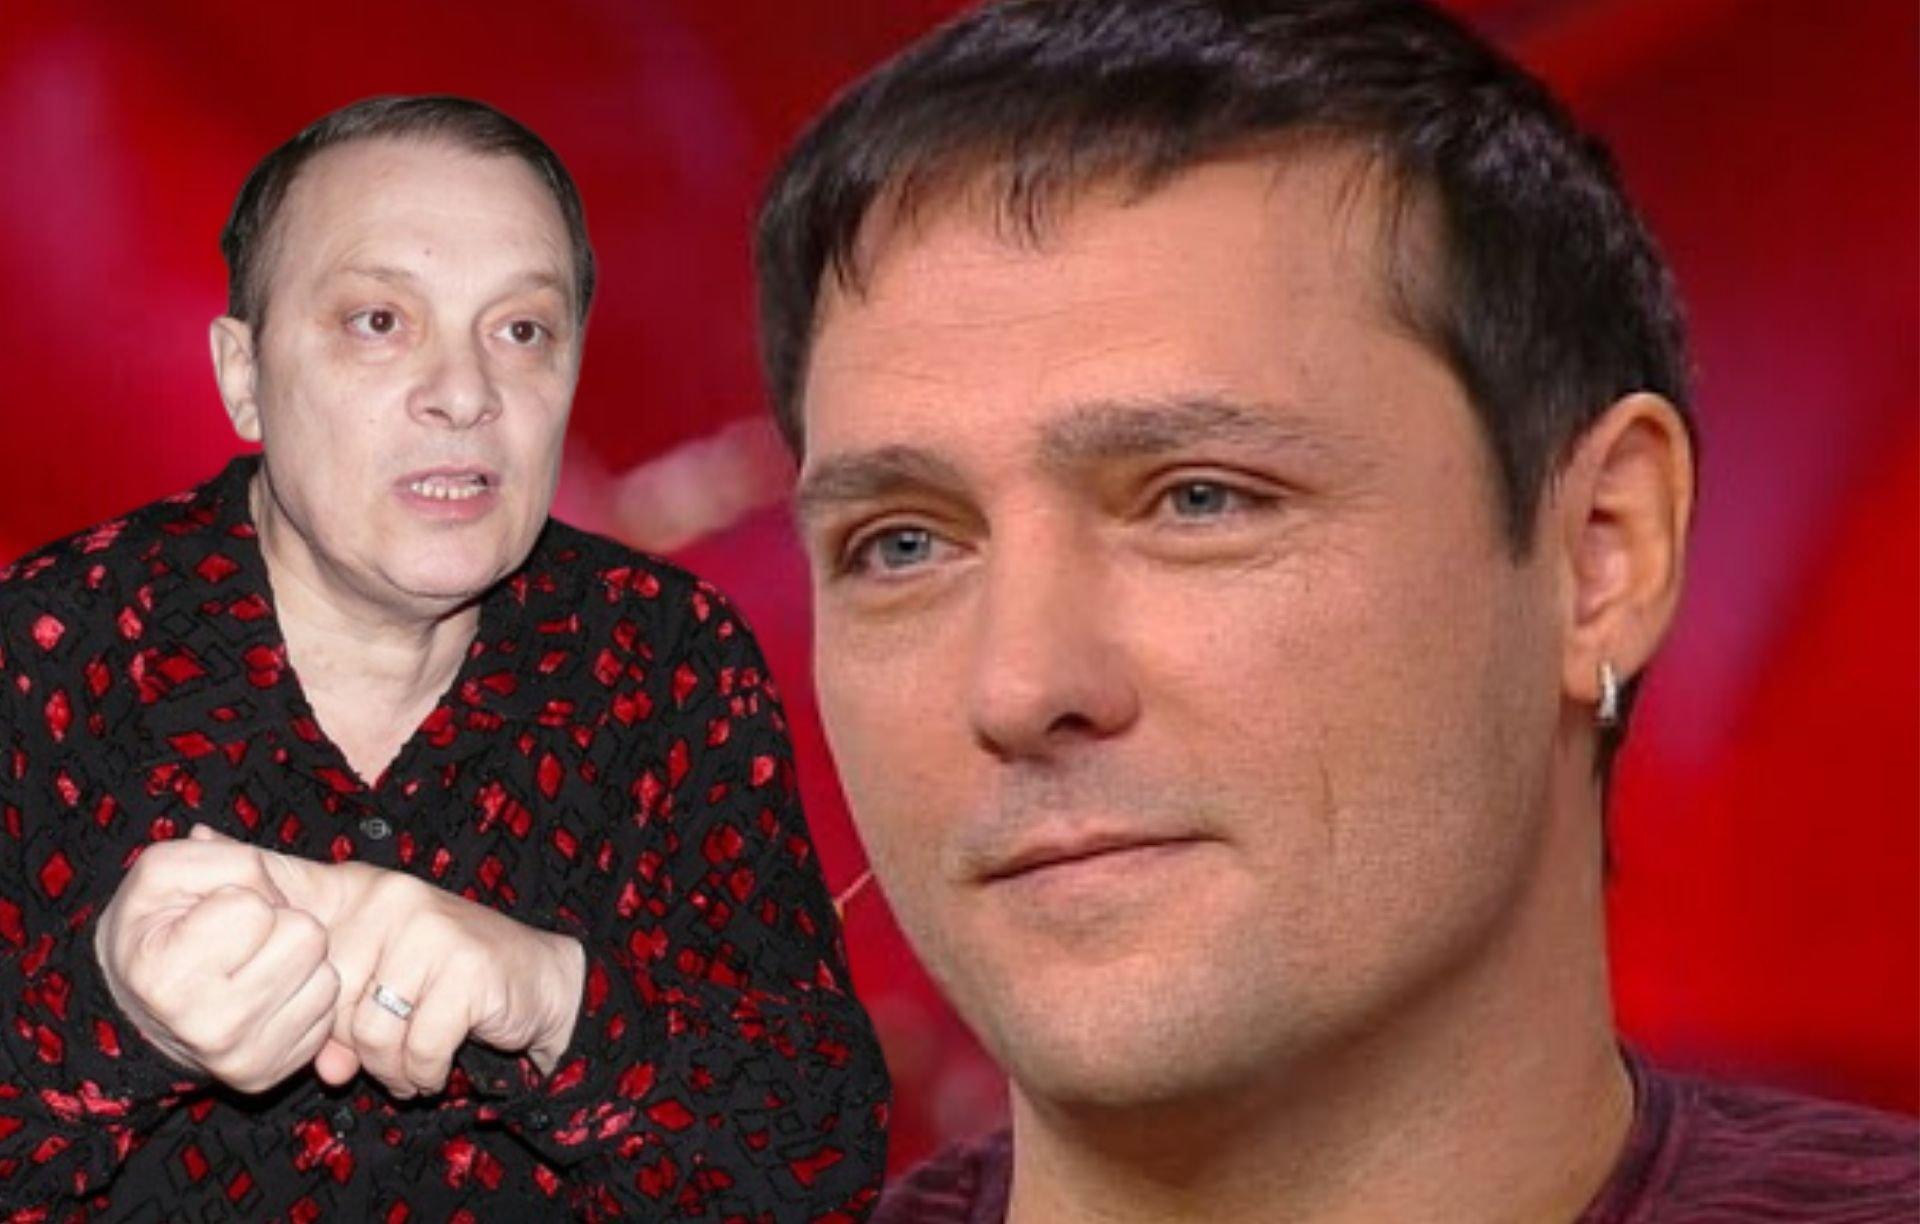 """Разин заявил, что Шатунов может умереть: """"Он на грани, там от легких ничего не осталось"""""""